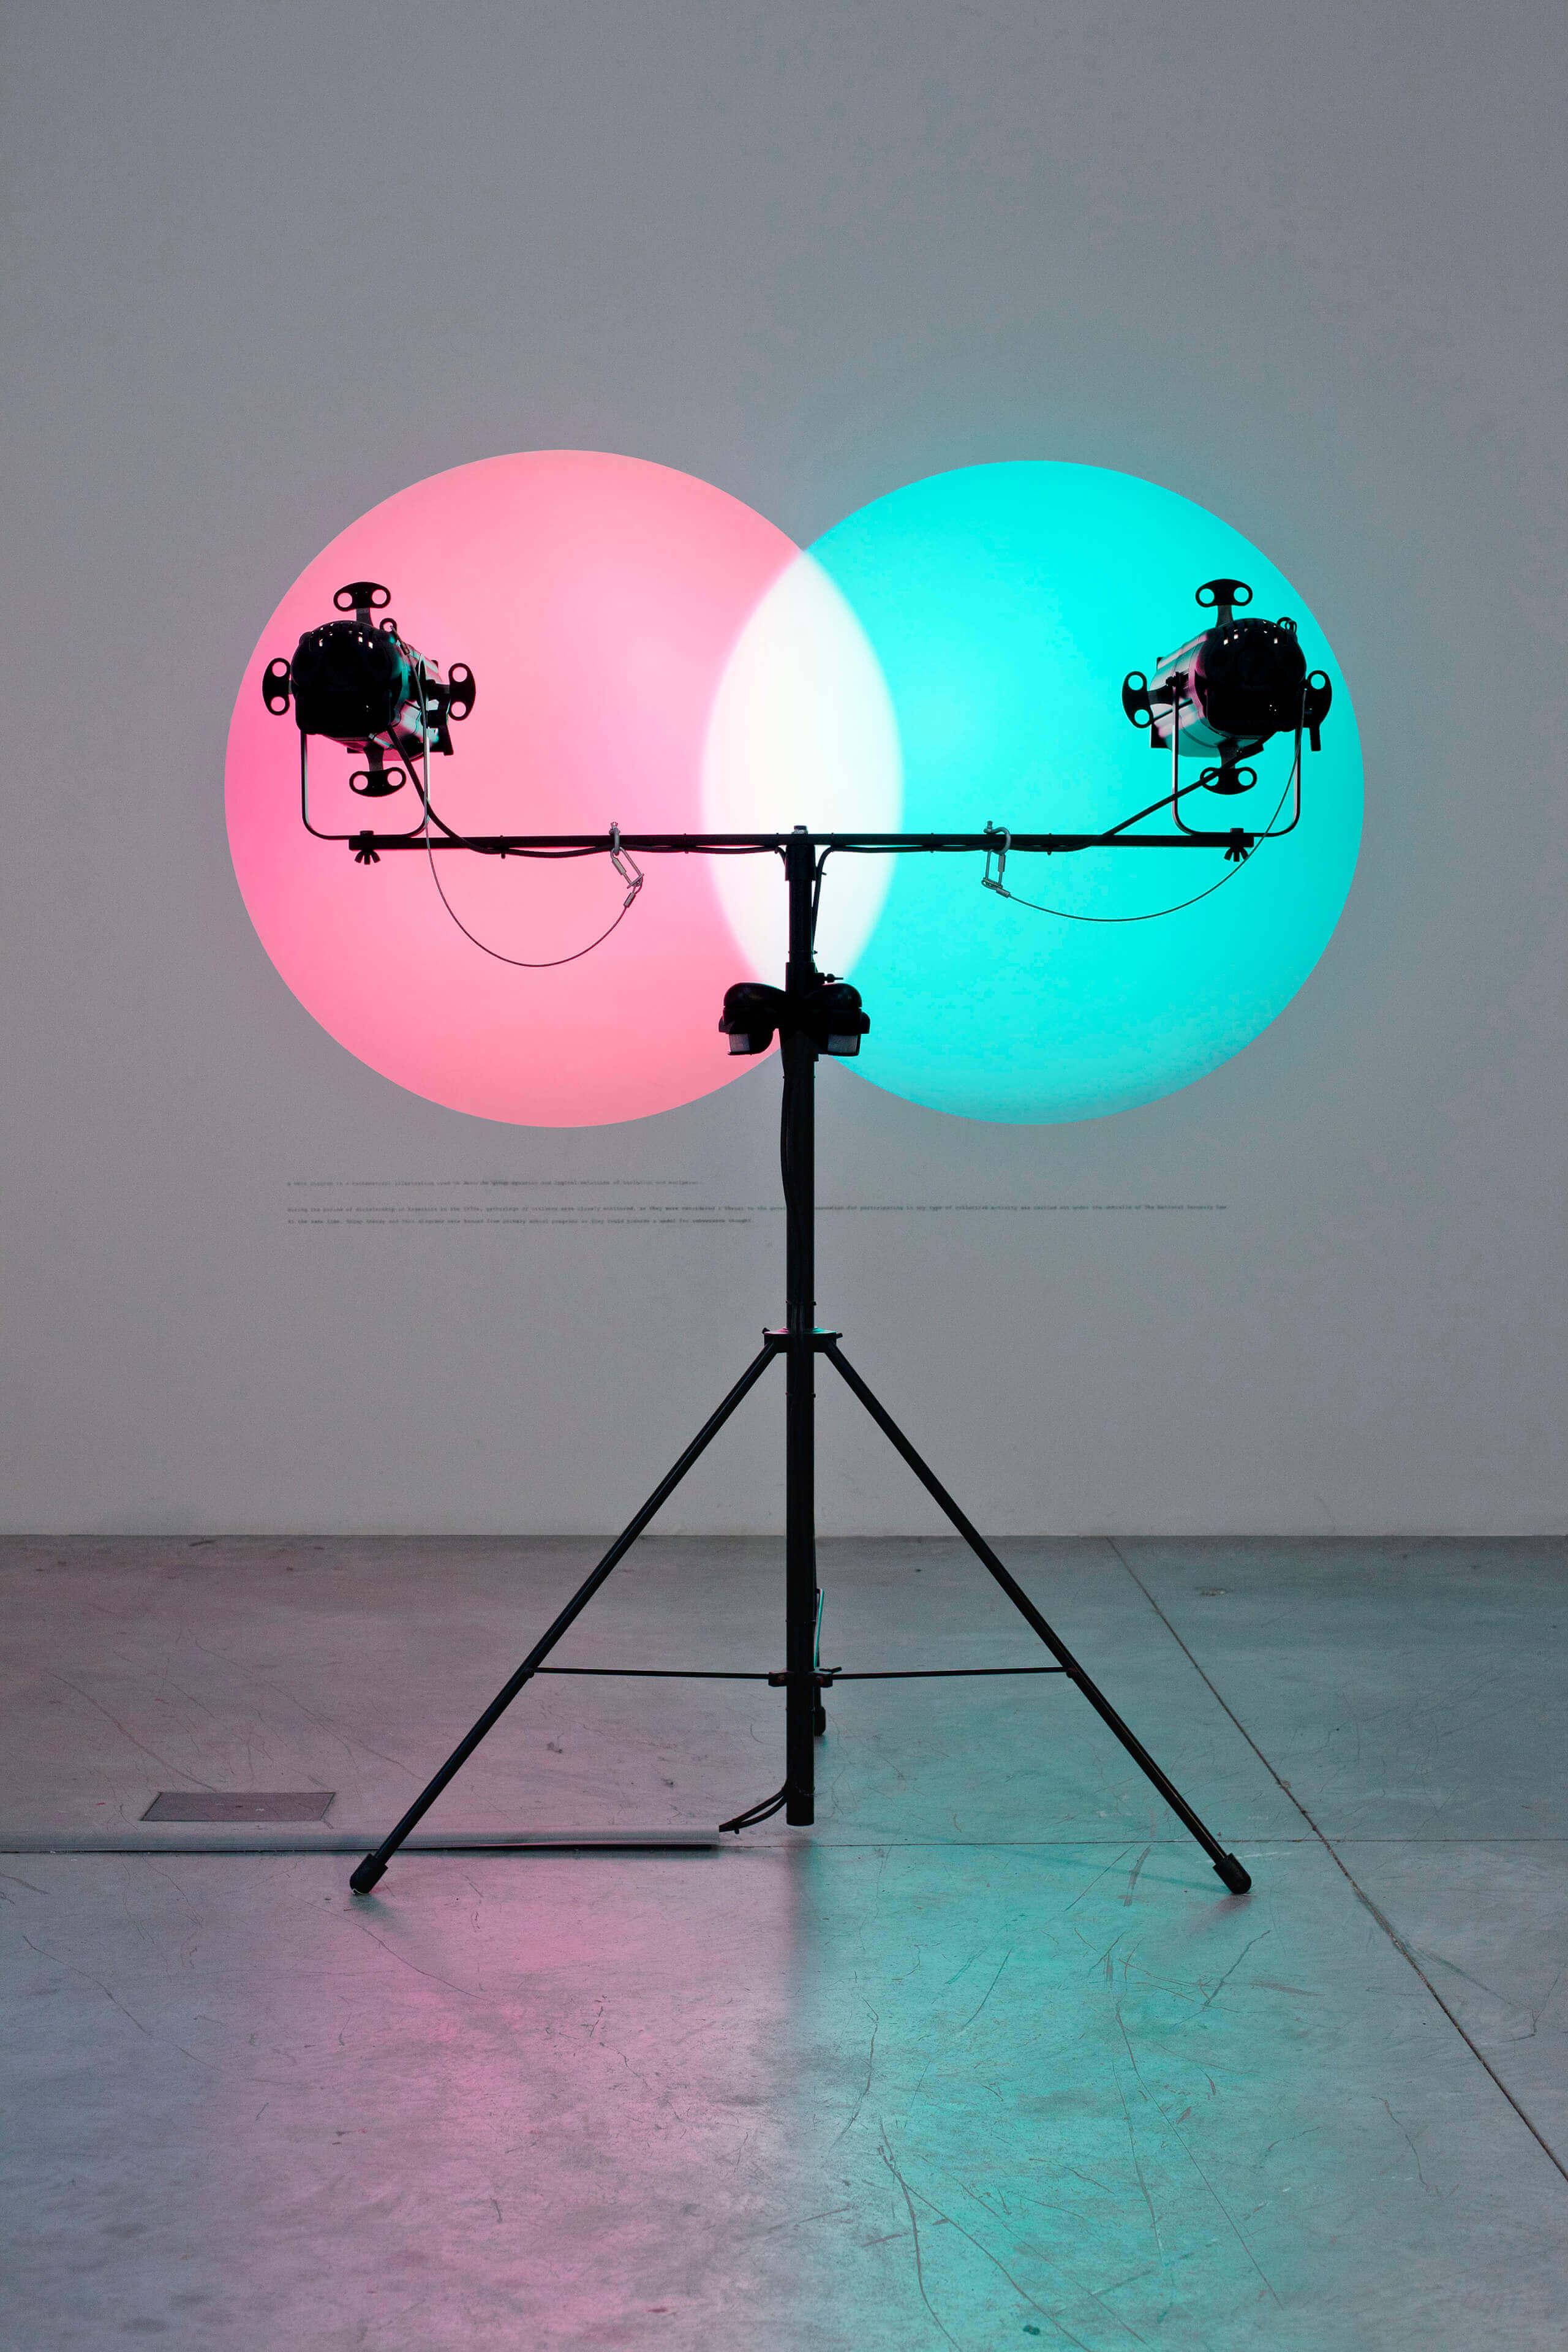 Venn Diagrams (Under the Spotlight) | Portadores de sentido. Arte contemporáneo en la Colección Patricia Phelps de Cisneros. | Museo Amparo, Puebla